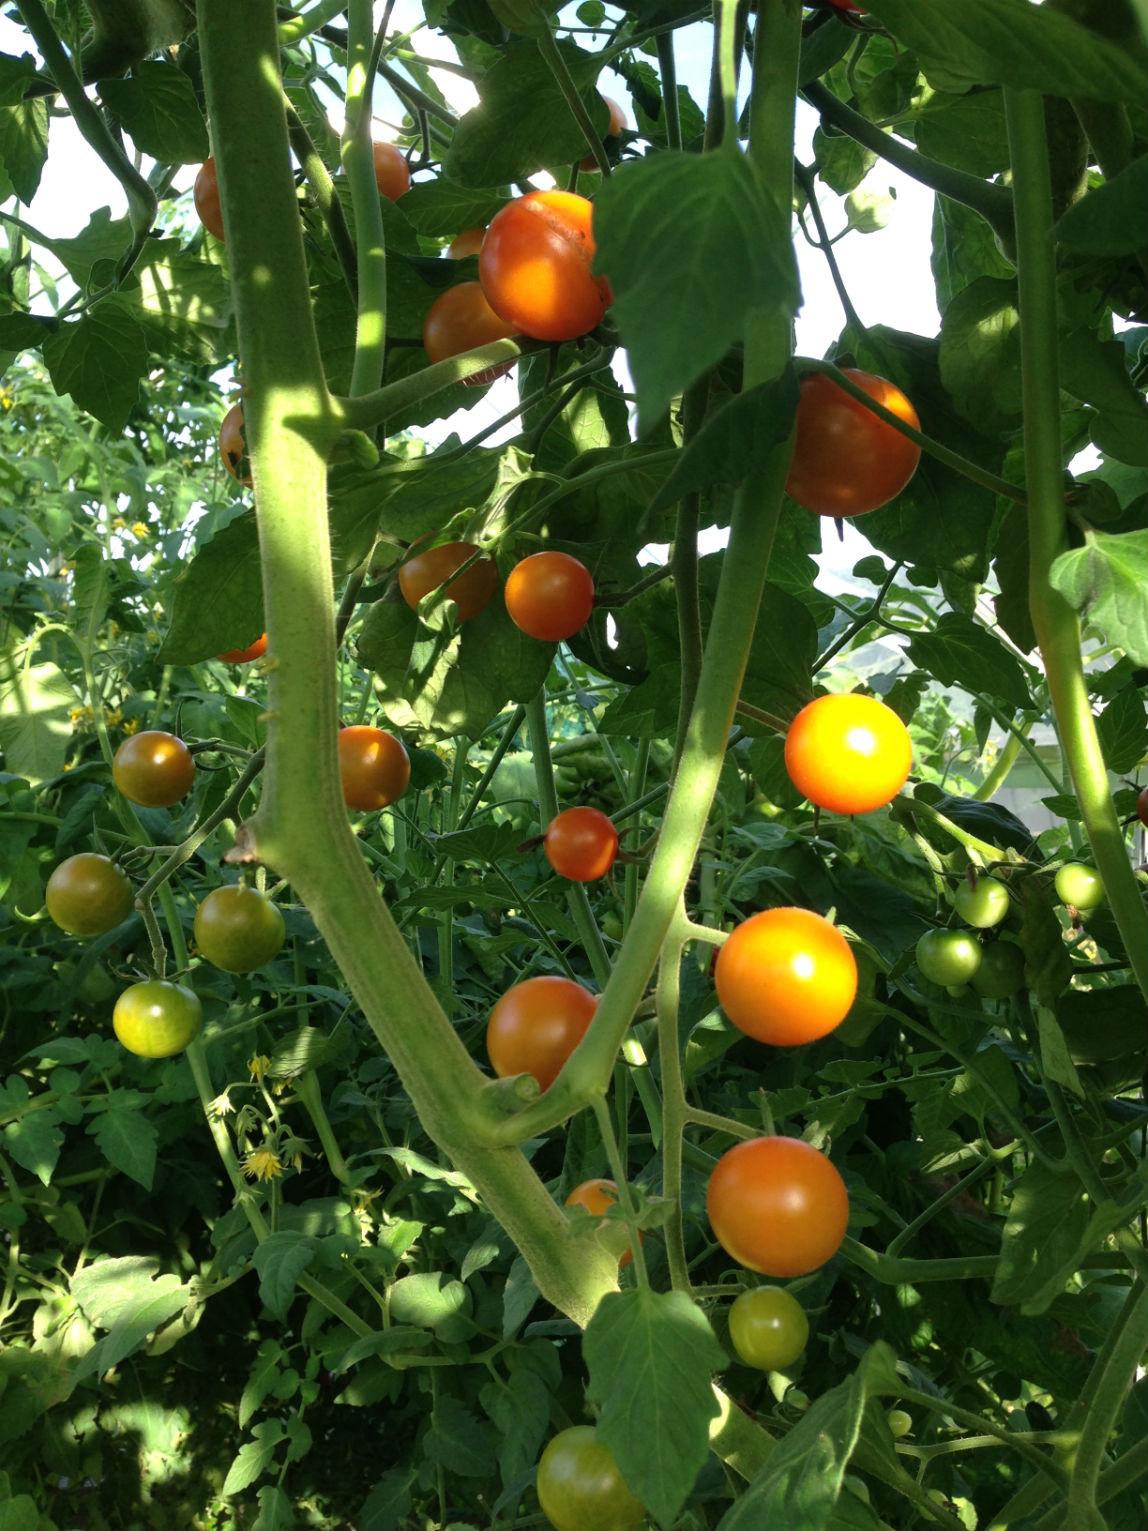 Sungold är en god tomat, här är en riktigt kraftig planta som inte toppats ännu.